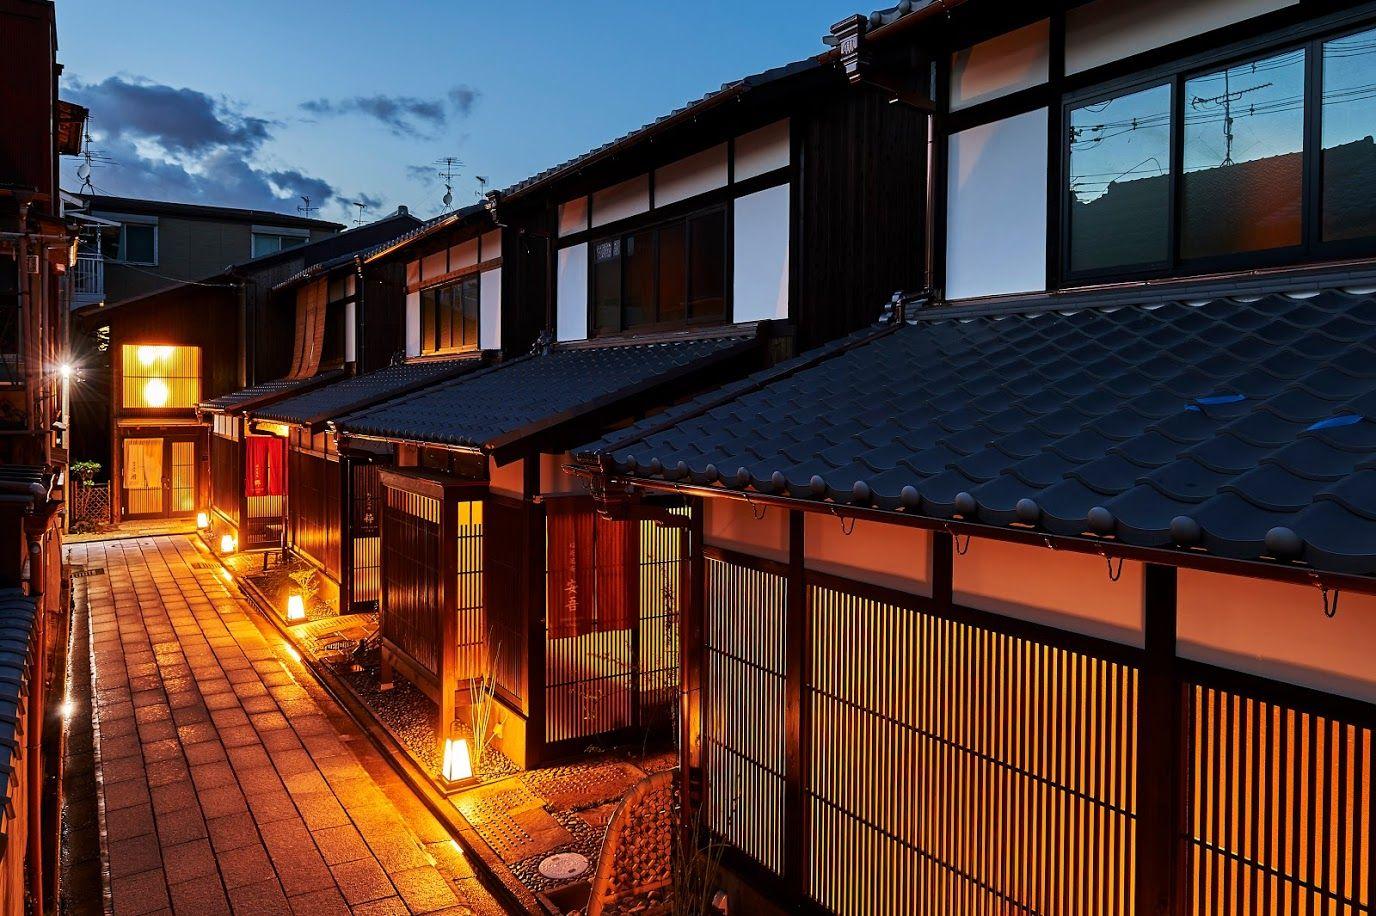 京町家をリノベーションした和のヴィンテージ感が漂うノスタルジックな空間の宿泊施設 稲荷凰庵 日本家屋 建築デザイン 都市デザイン